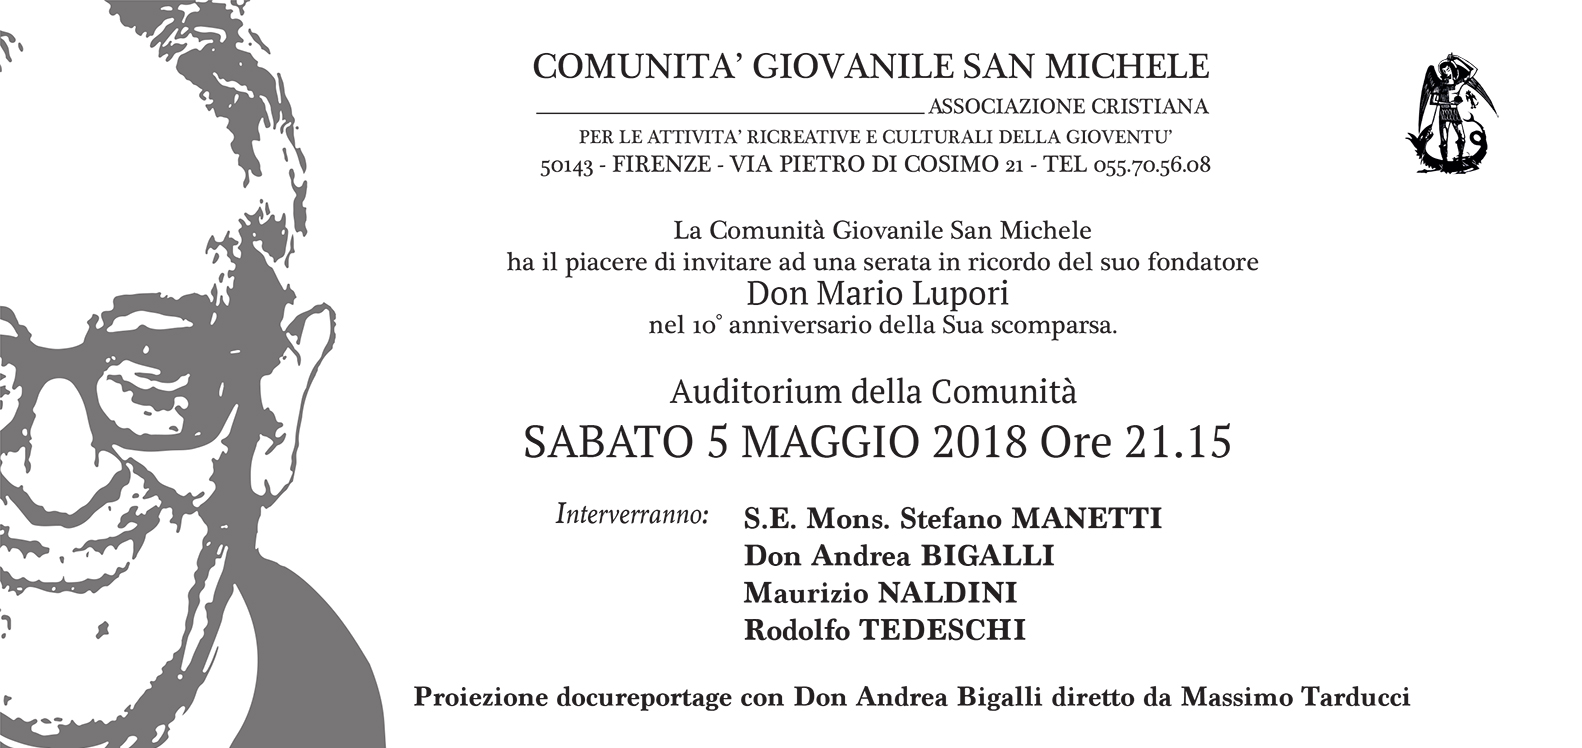 Sabato 5 maggio una proiezione speciale per ricordare Don Mario Lupori a dieci anni dalla sua scomparsa